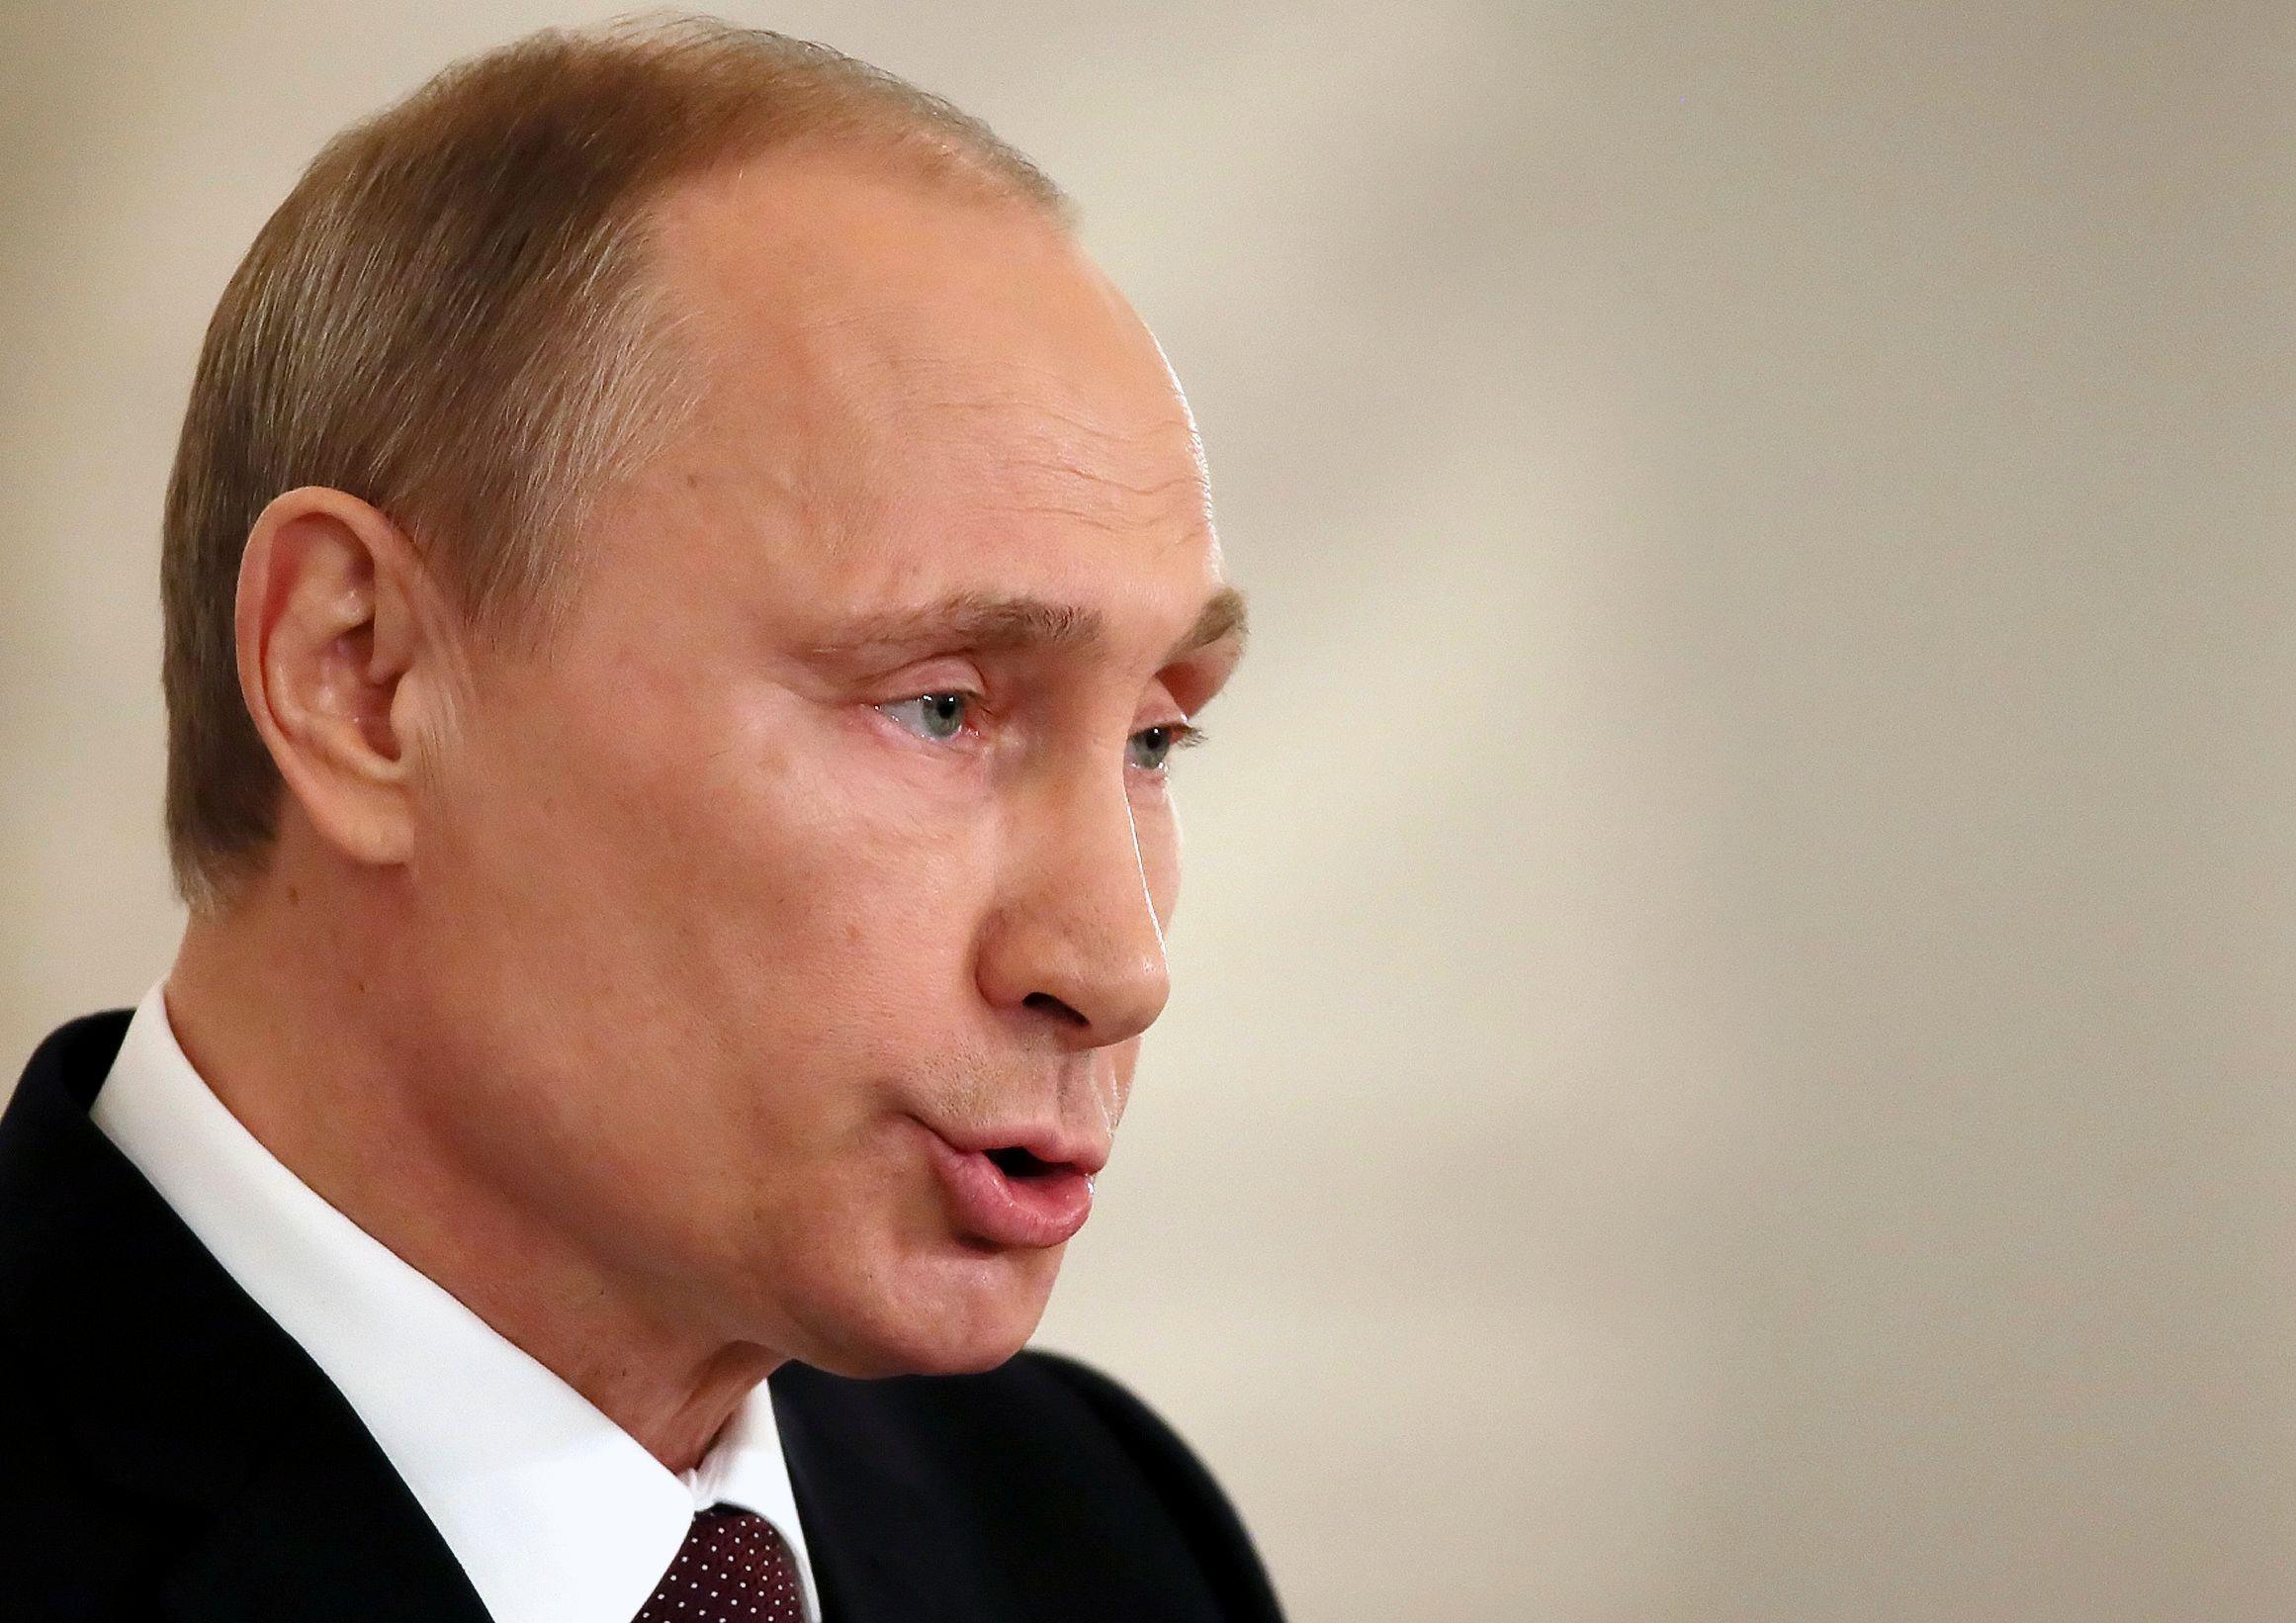 Le président russe Vladimir Poutine n'a plus peur d'affronter les occidentaux.